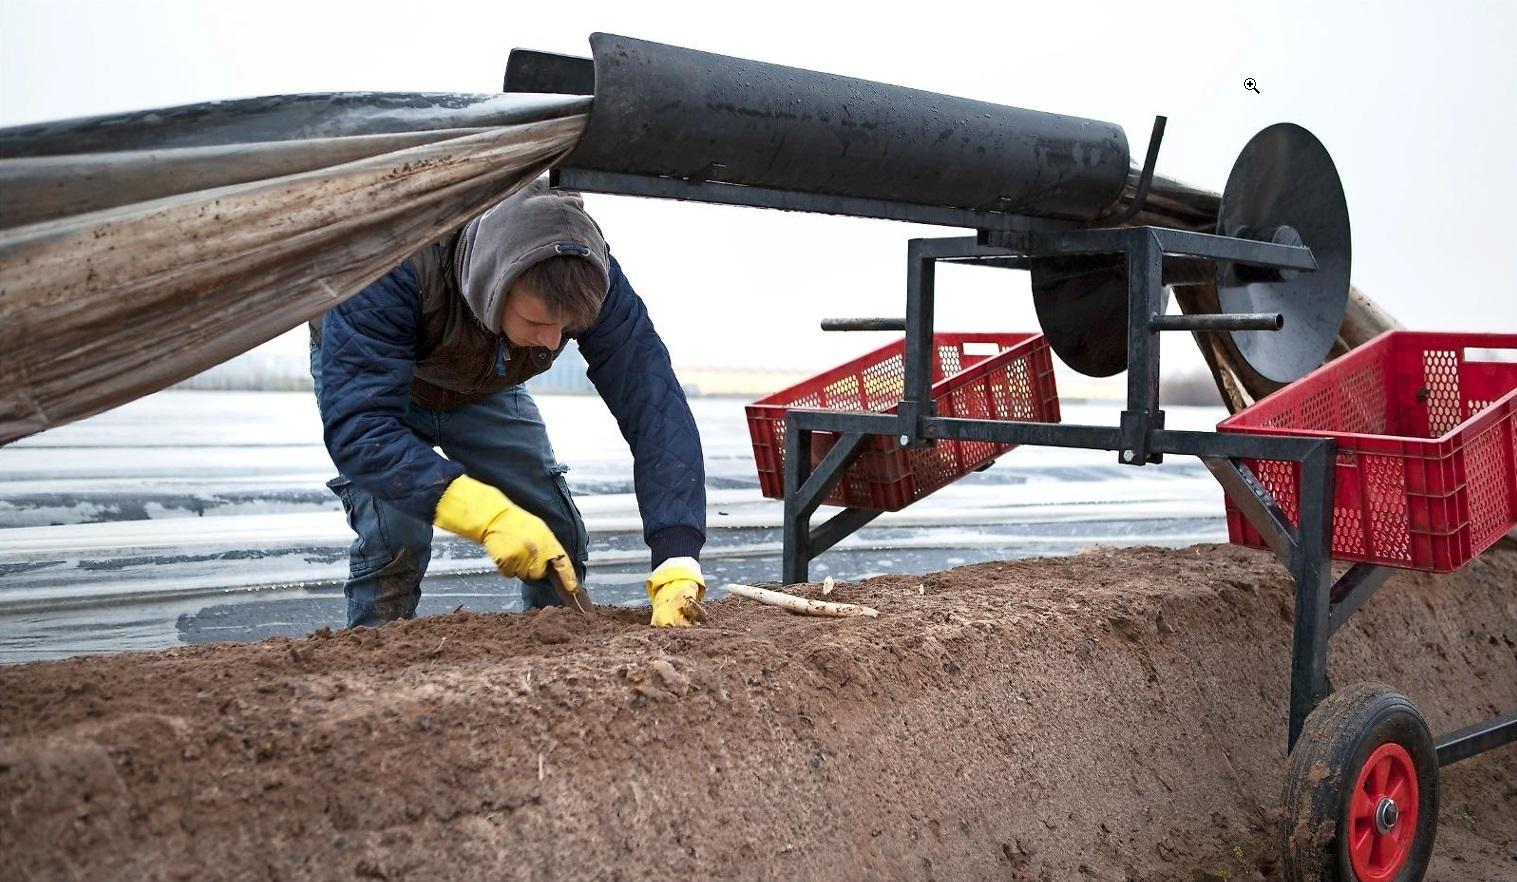 Het steken van asperges is tijdelijk werk. Minister Wouter Koolmees wil flexwerk fors duurder maken.